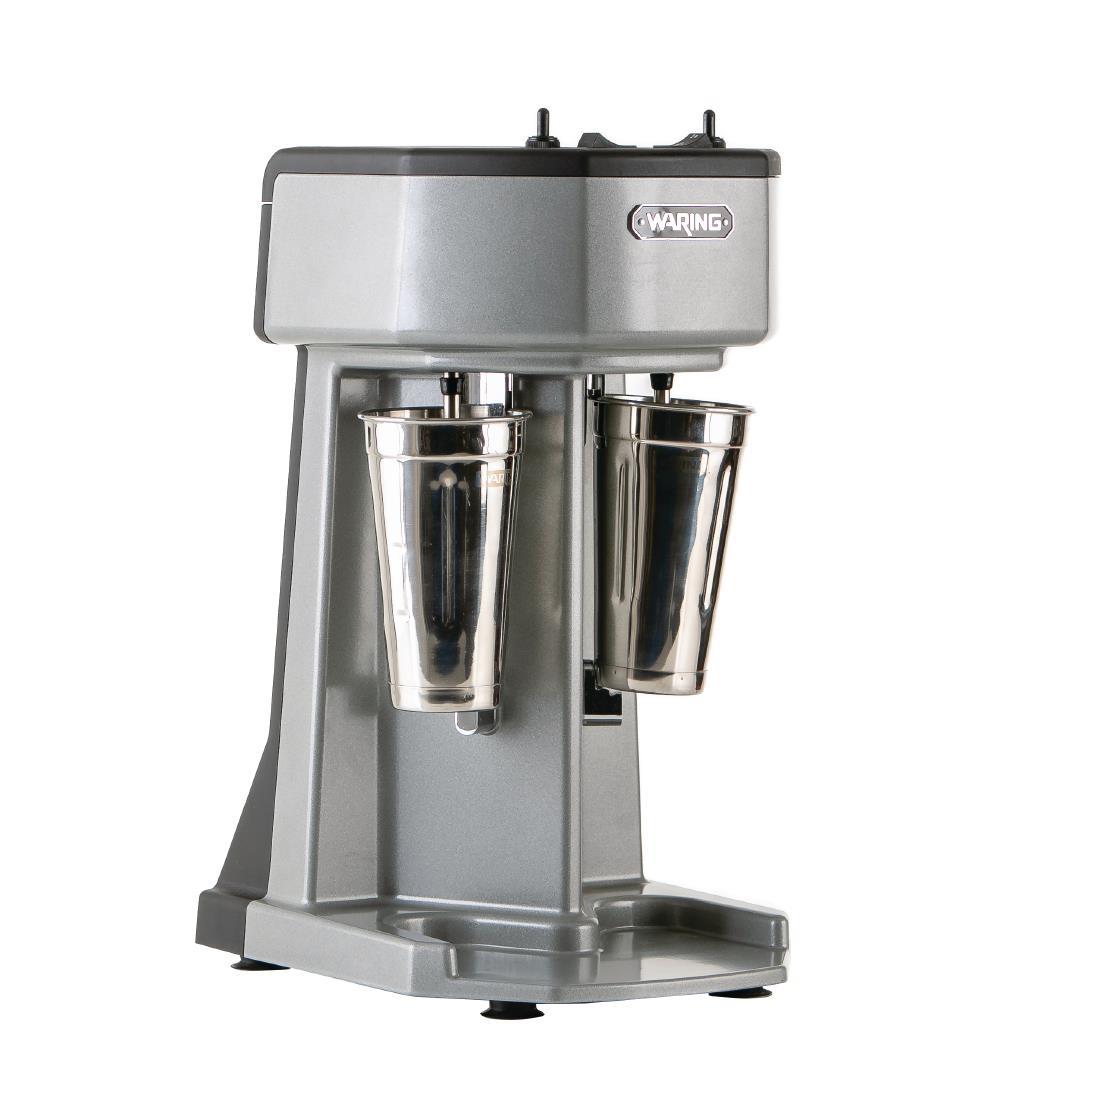 Waring Milkshake Mixer WDM240K (GH484)